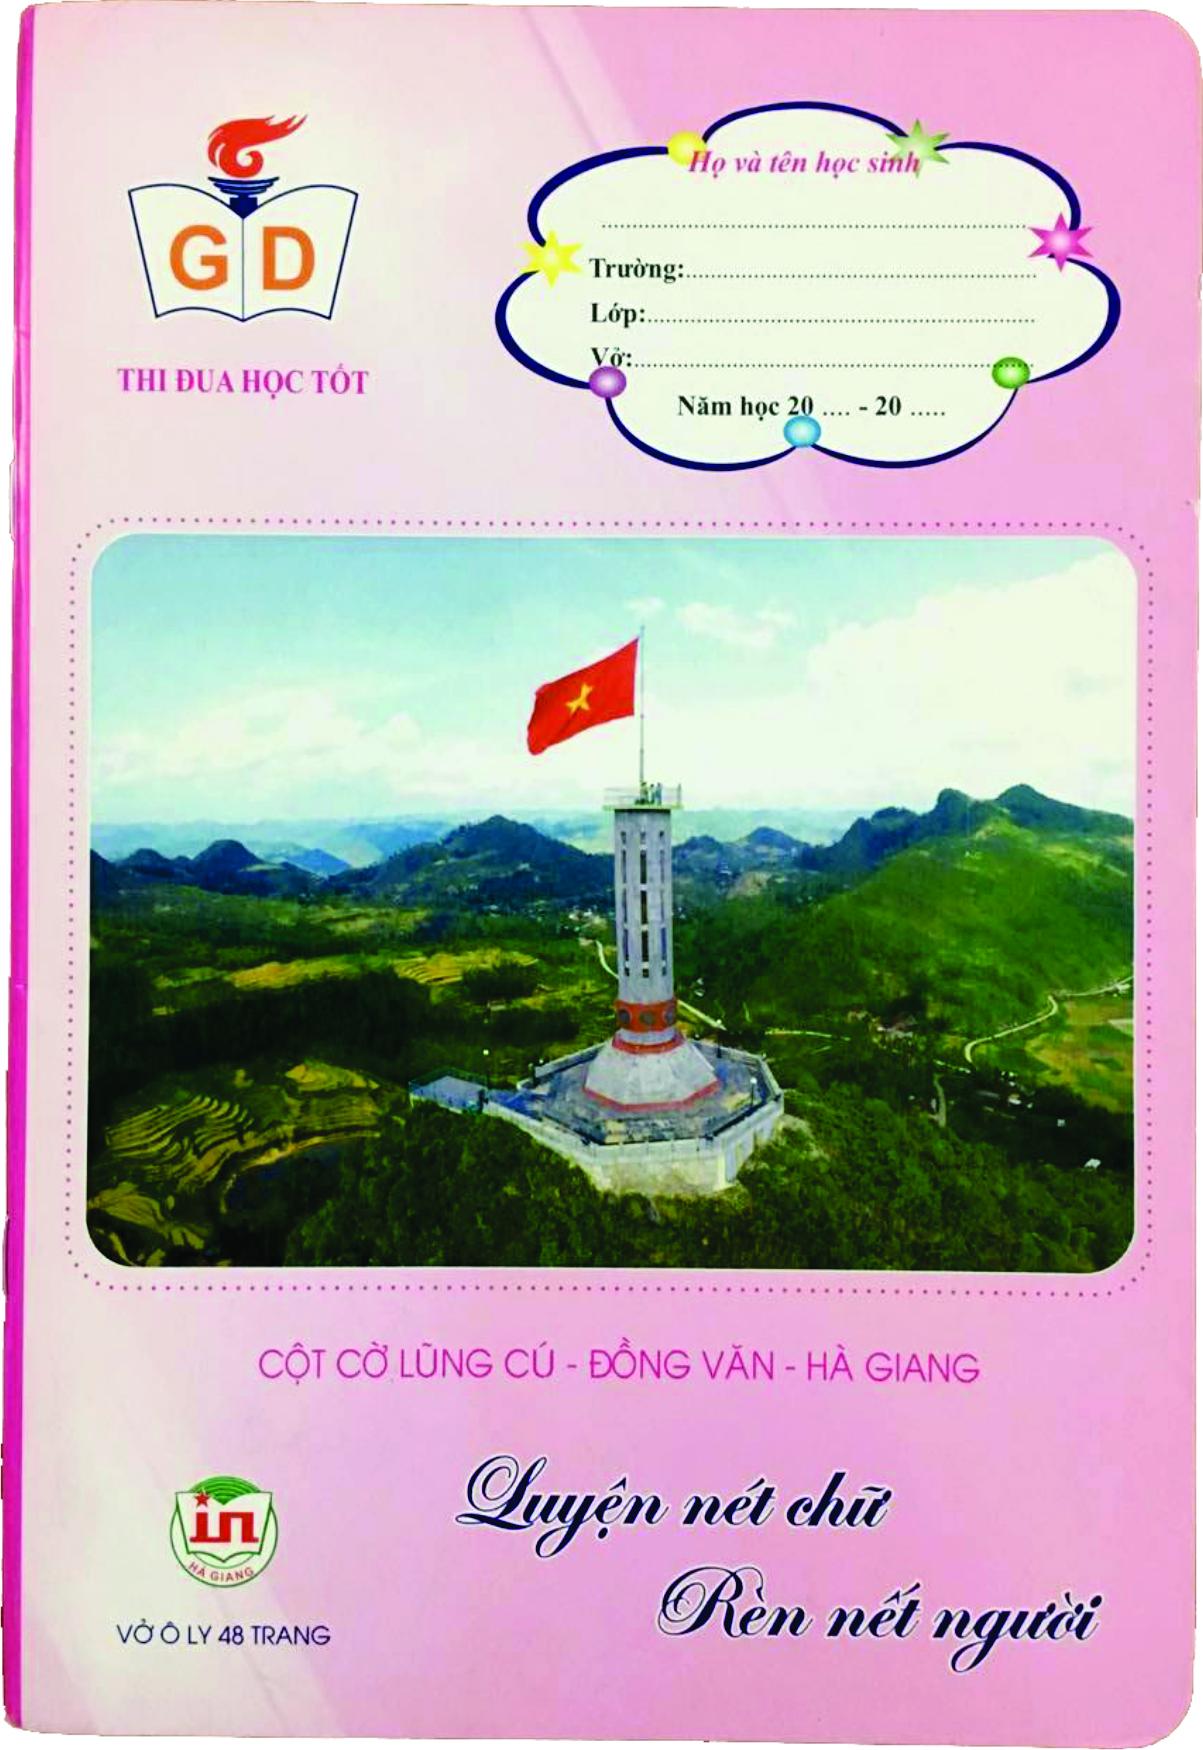 In Văn Phòng Phẩm